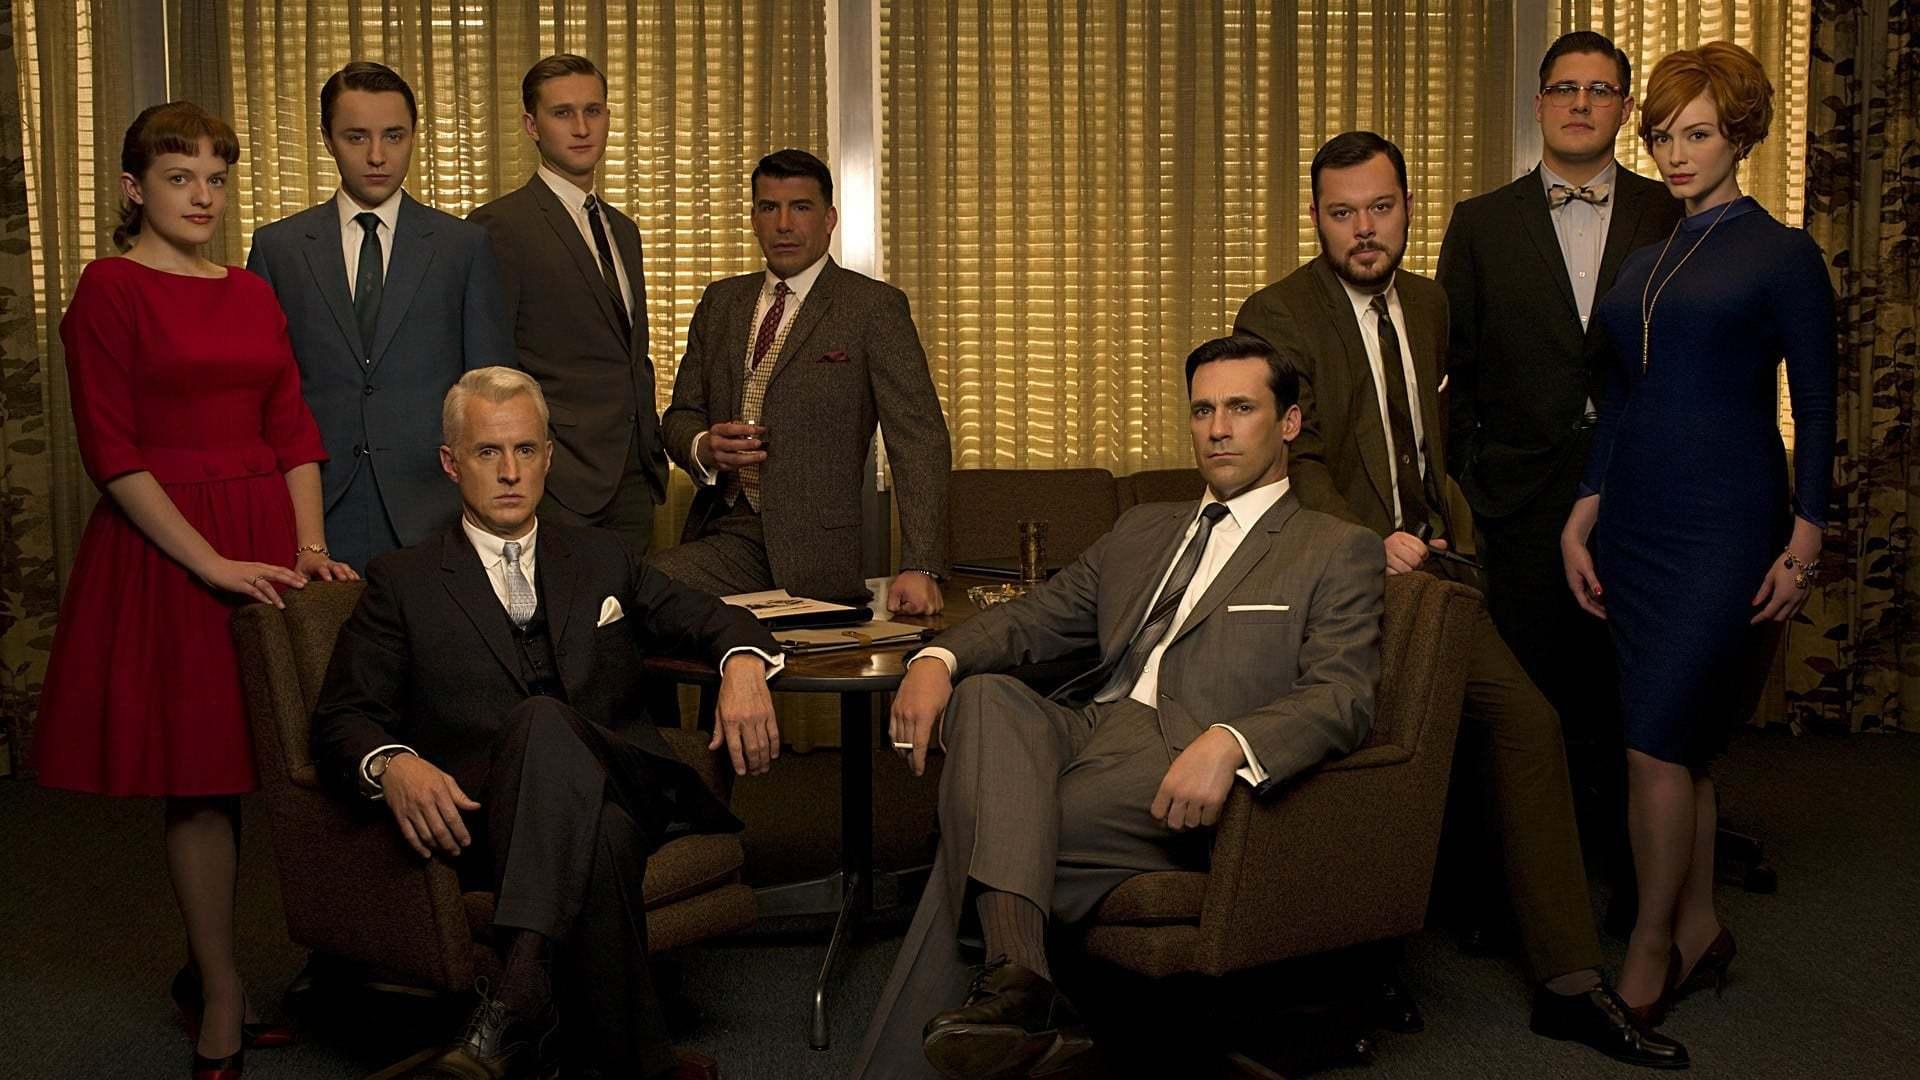 Кадры из фильма Безумцы Mad Men 2007